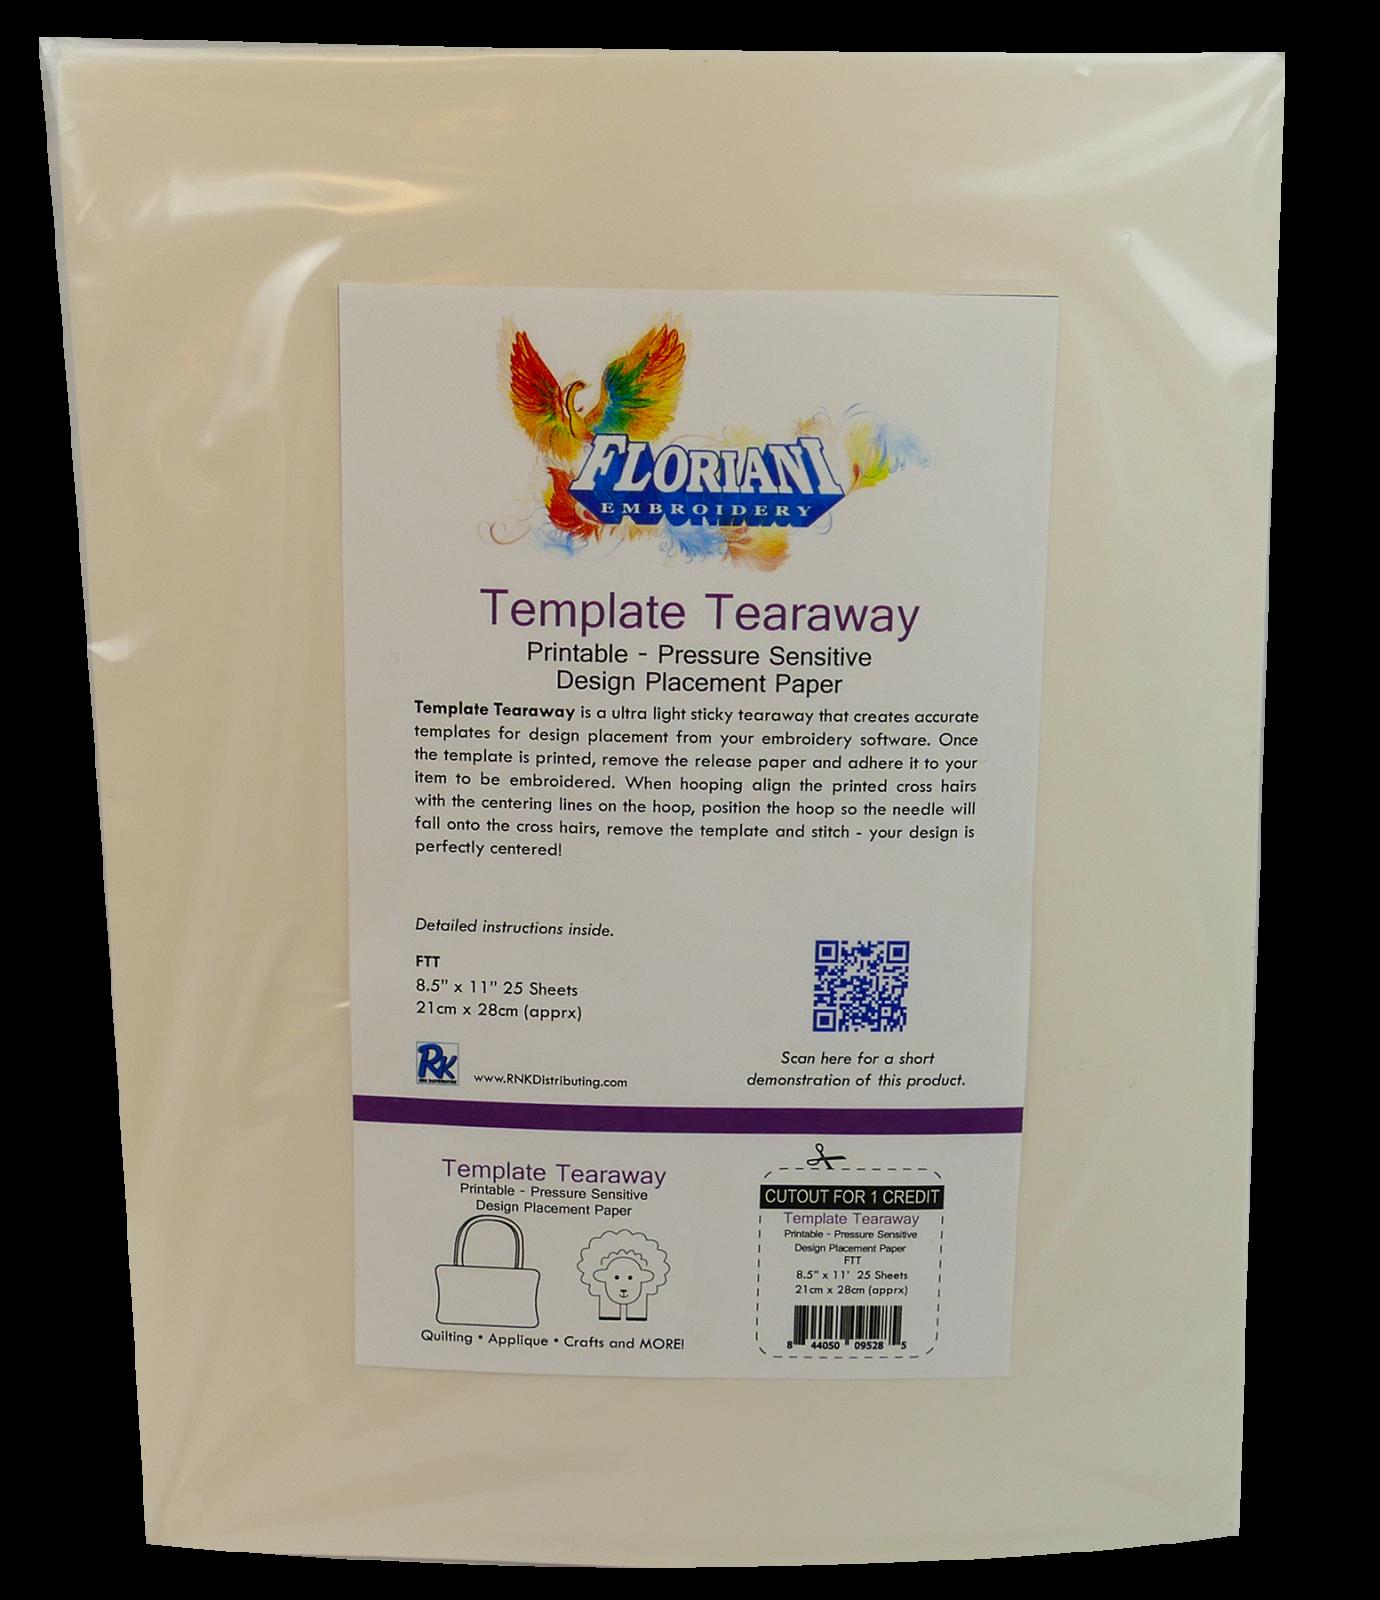 FL Template Tearaway 8 1/2 x 11 - 25 pcs/pkg